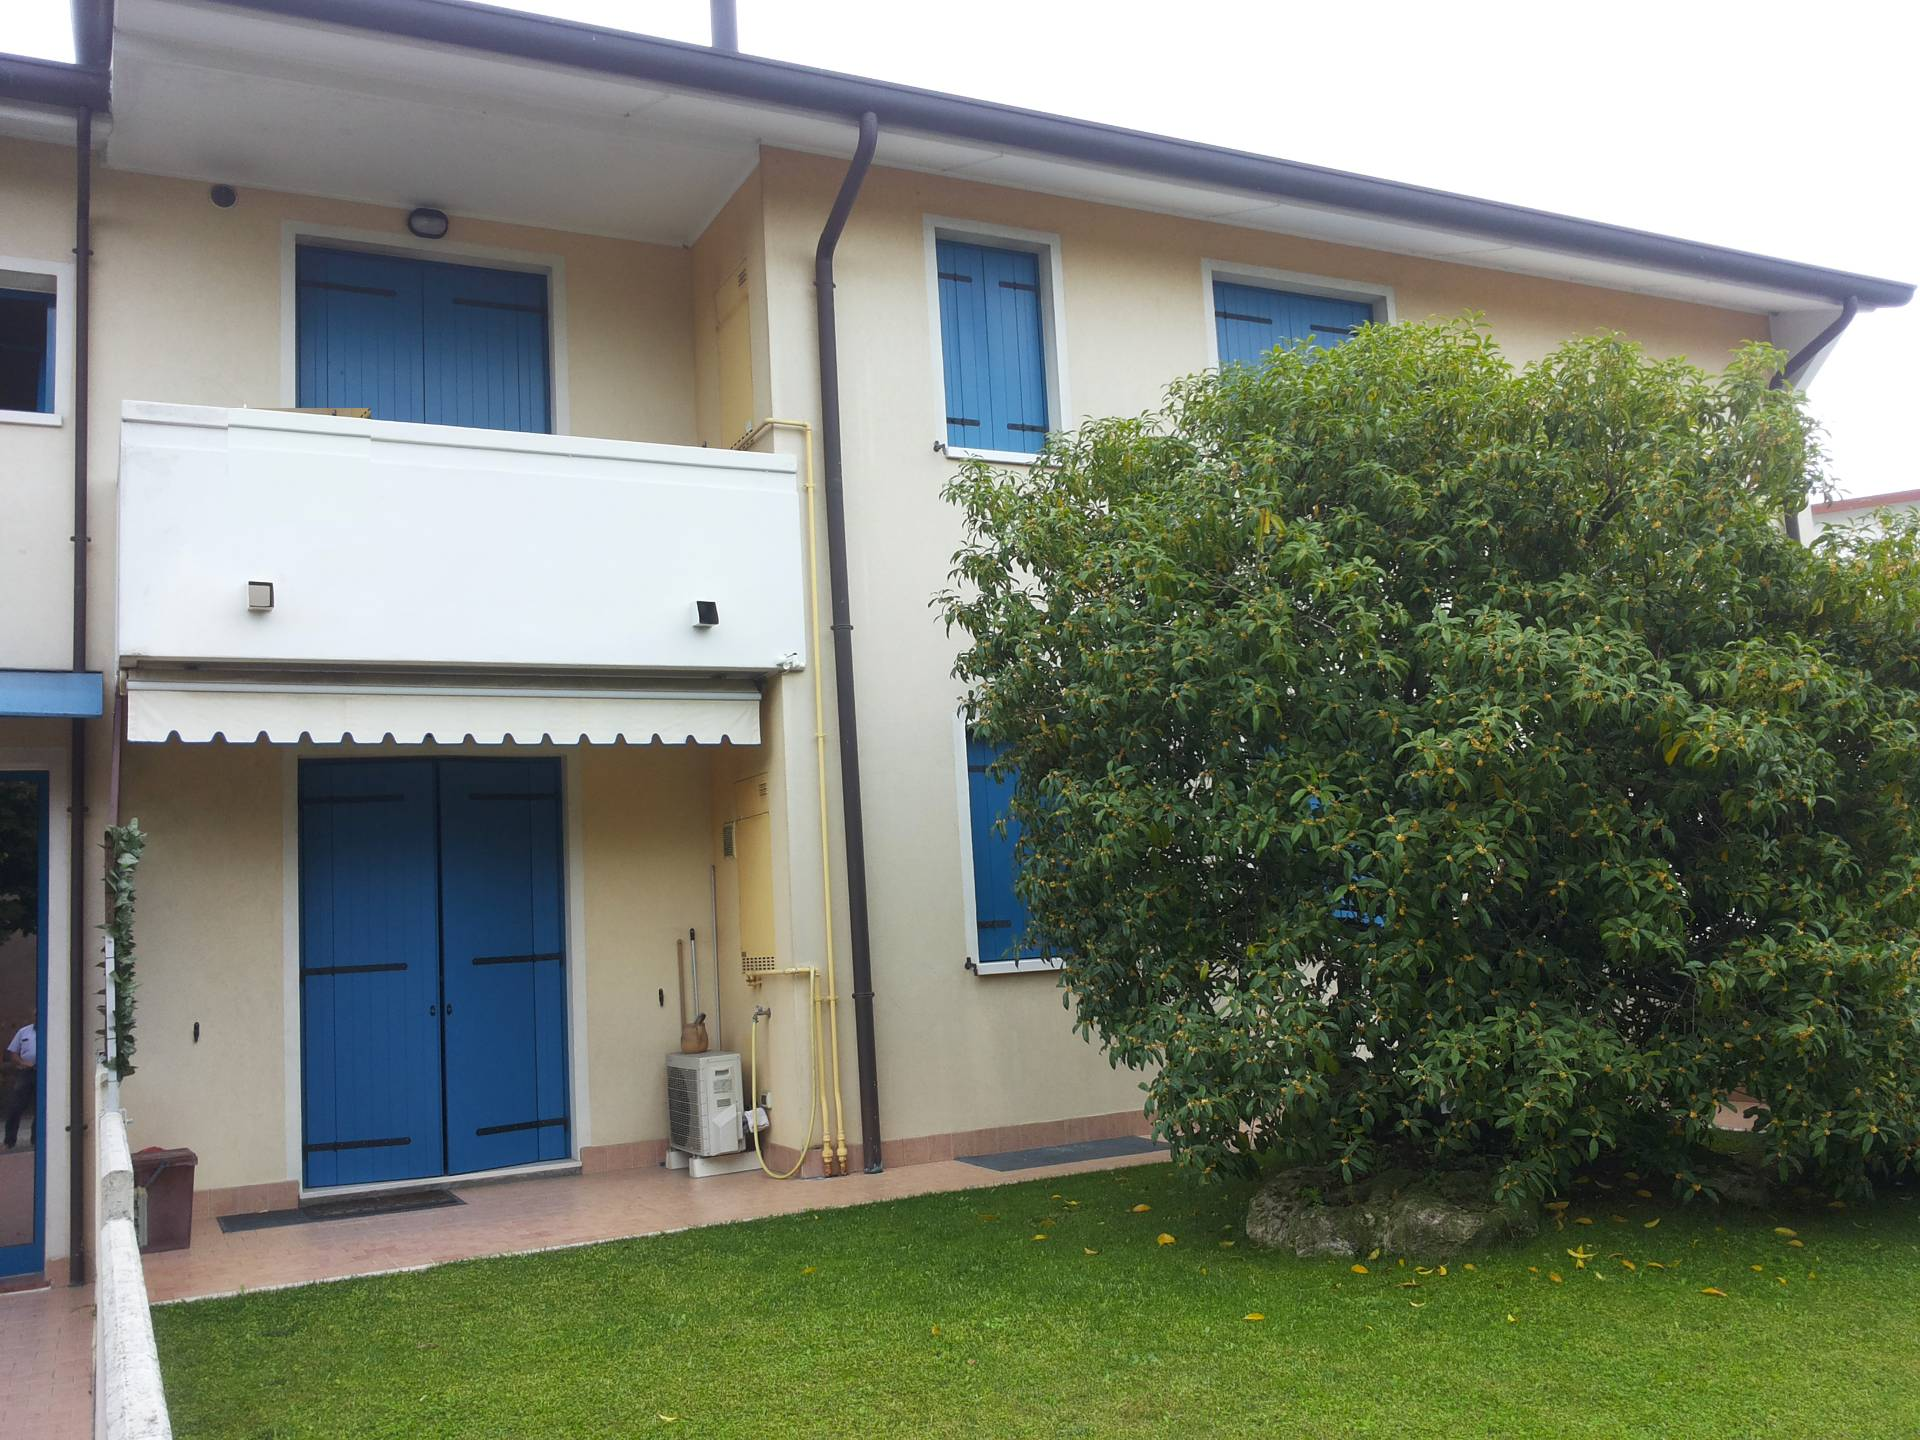 Appartamento in vendita a Casier, 3 locali, zona Località: DossondiCasier, prezzo € 89.000 | CambioCasa.it